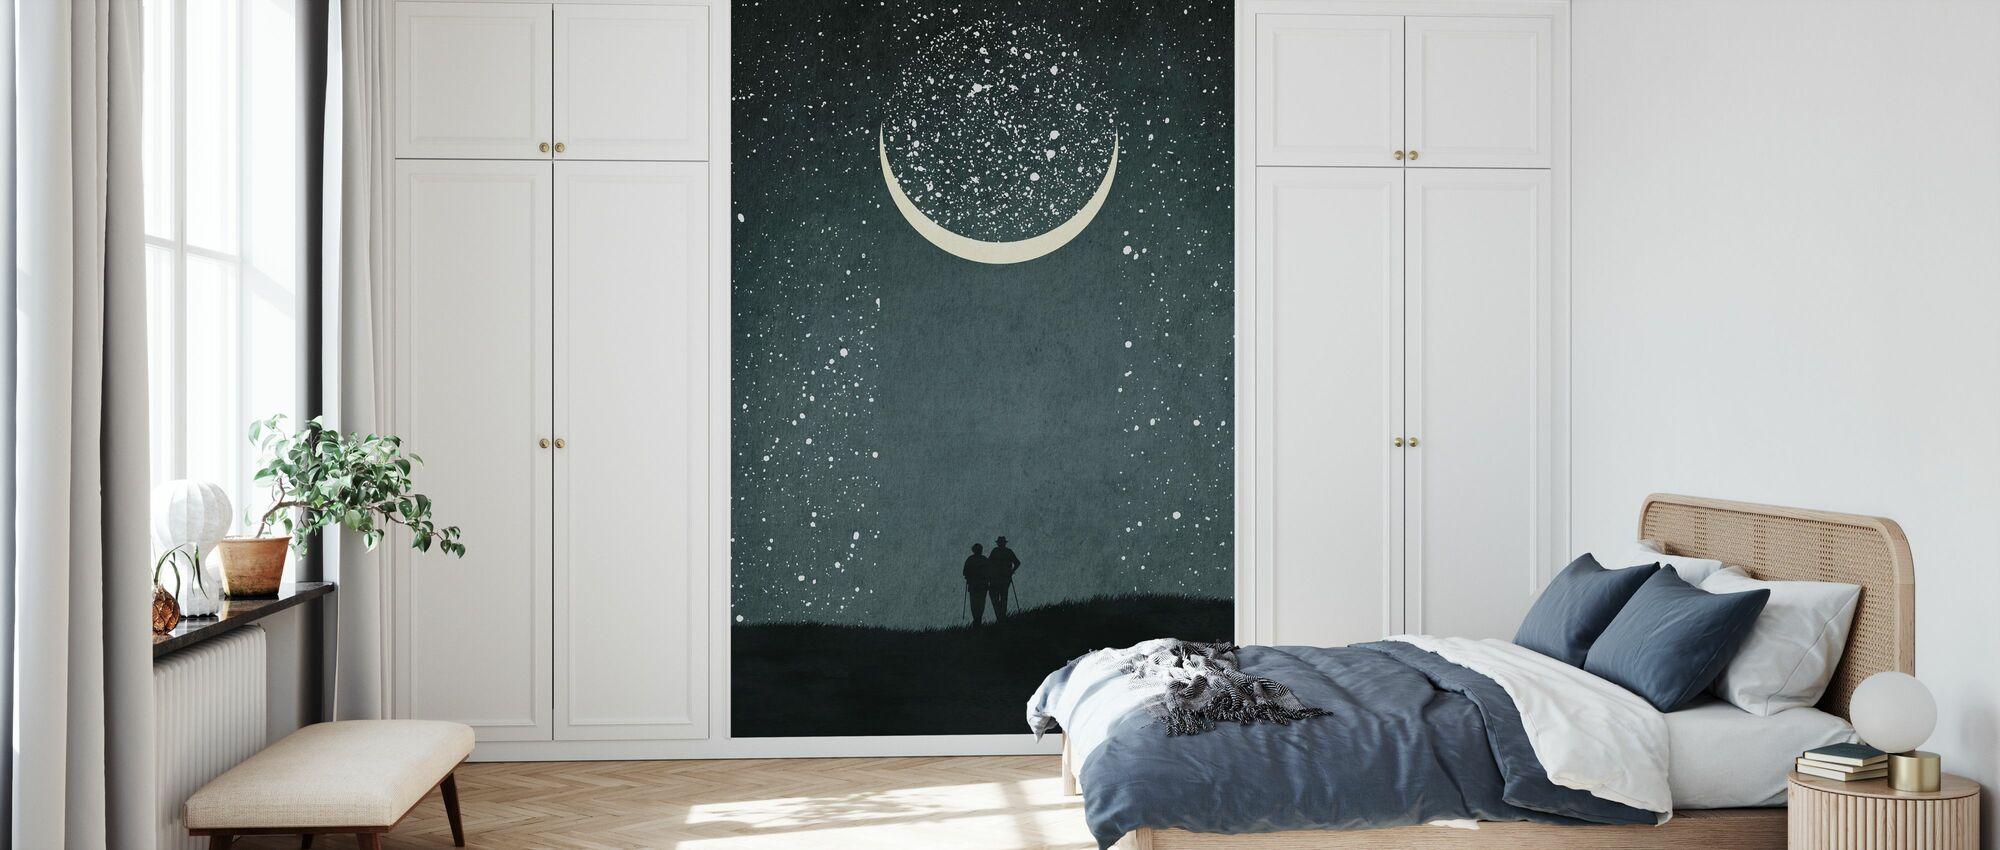 Drømmer med deg - Tapet - Soverom